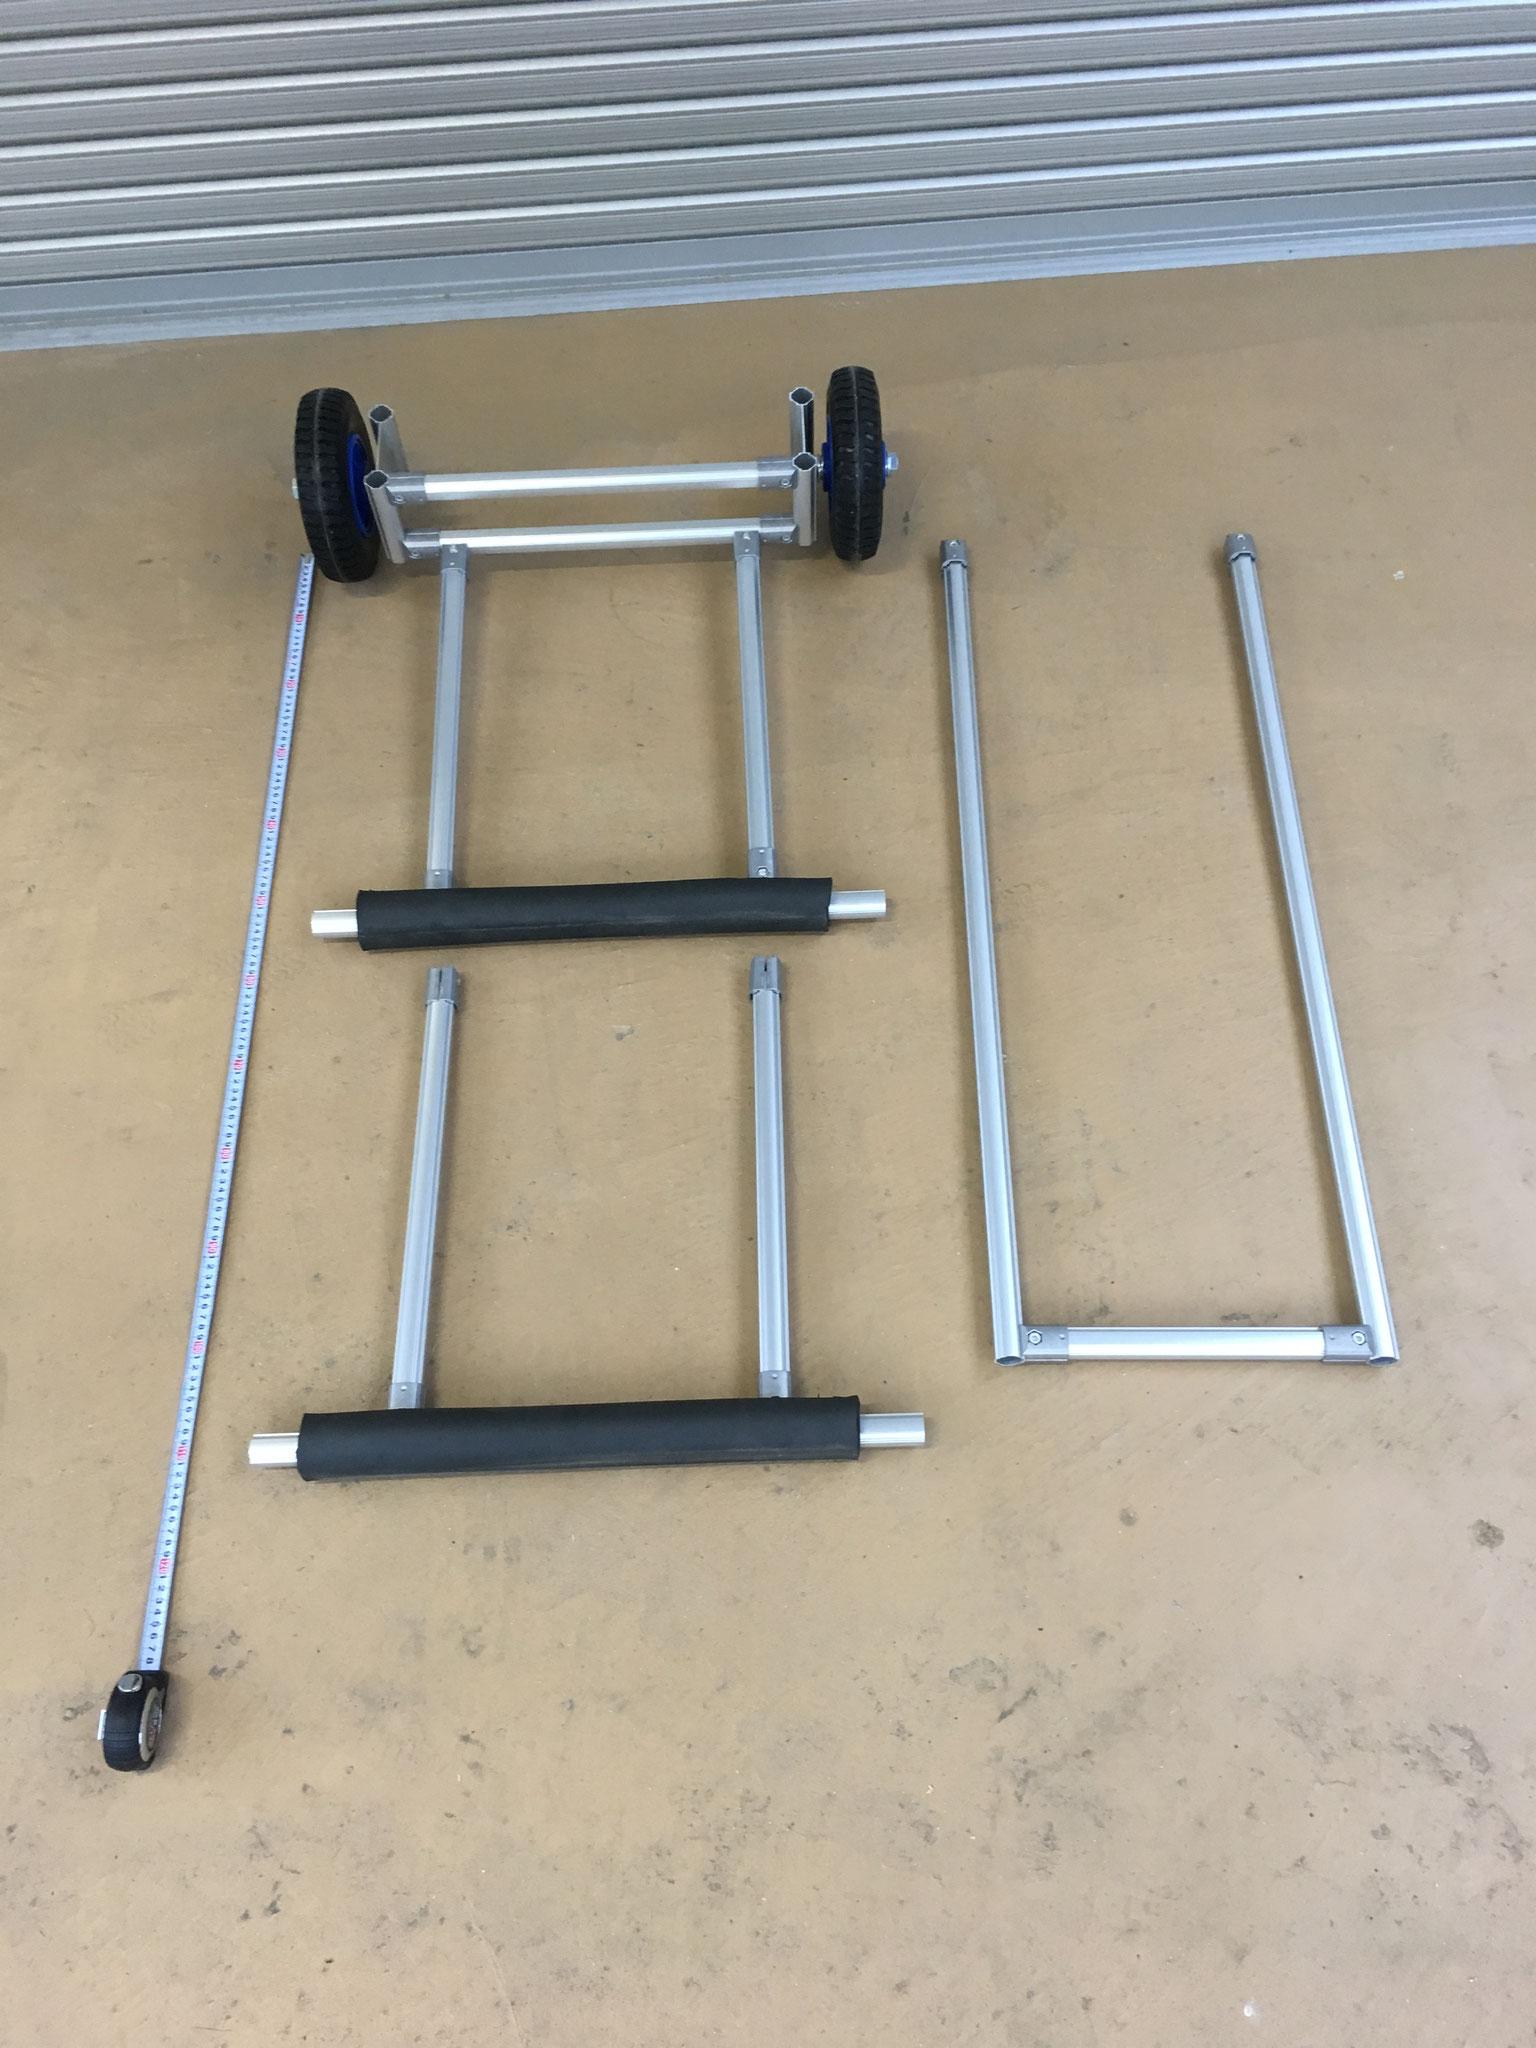 六角レンチ1本で簡単に組み立て可能!